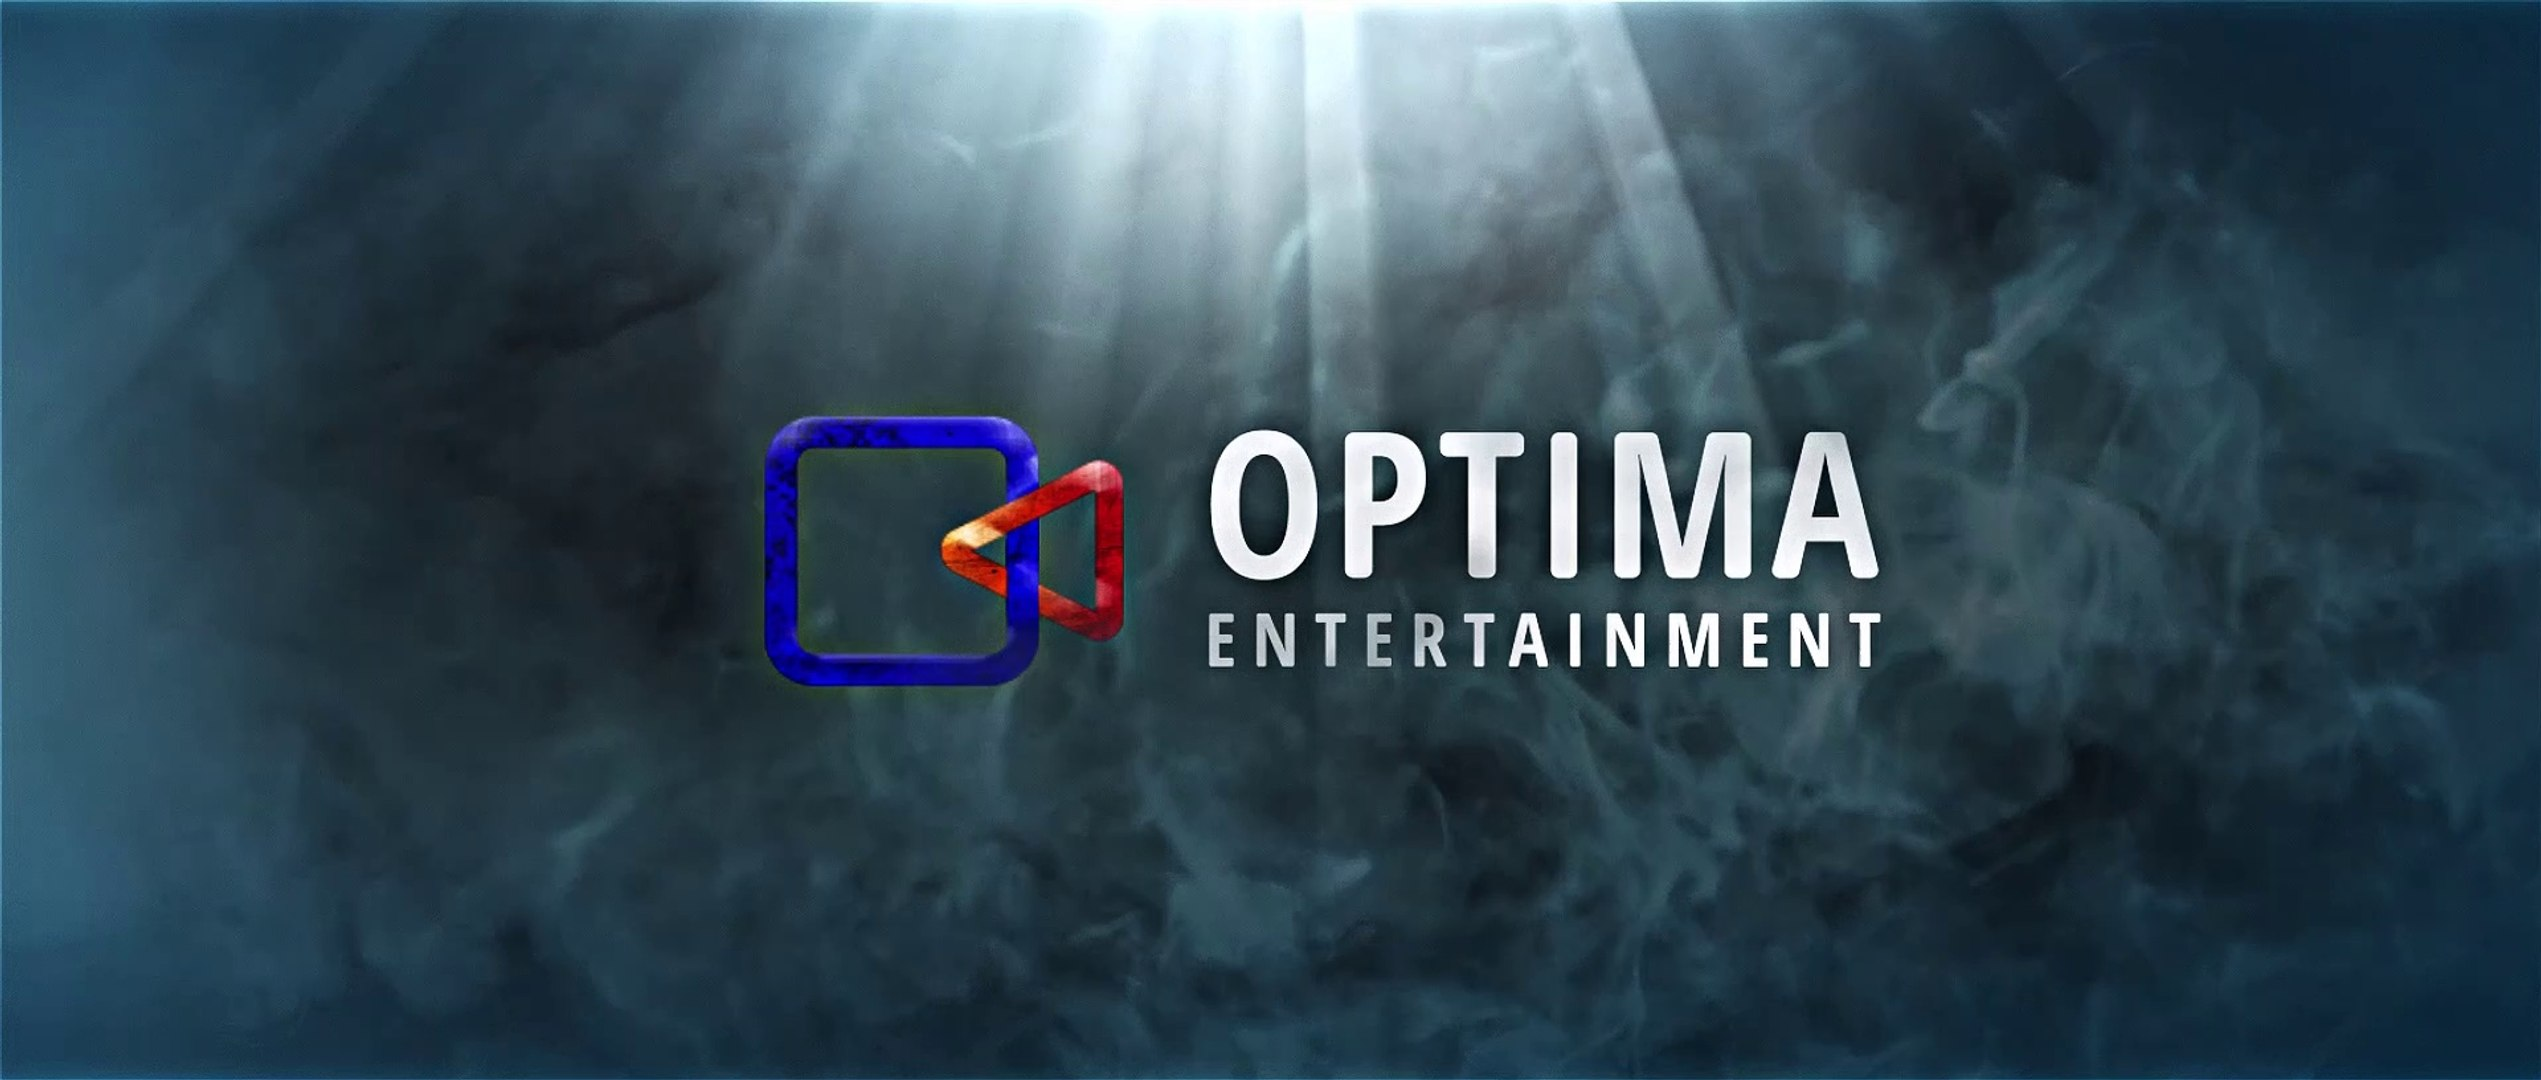 Brand Teaser - Optima Entertainment